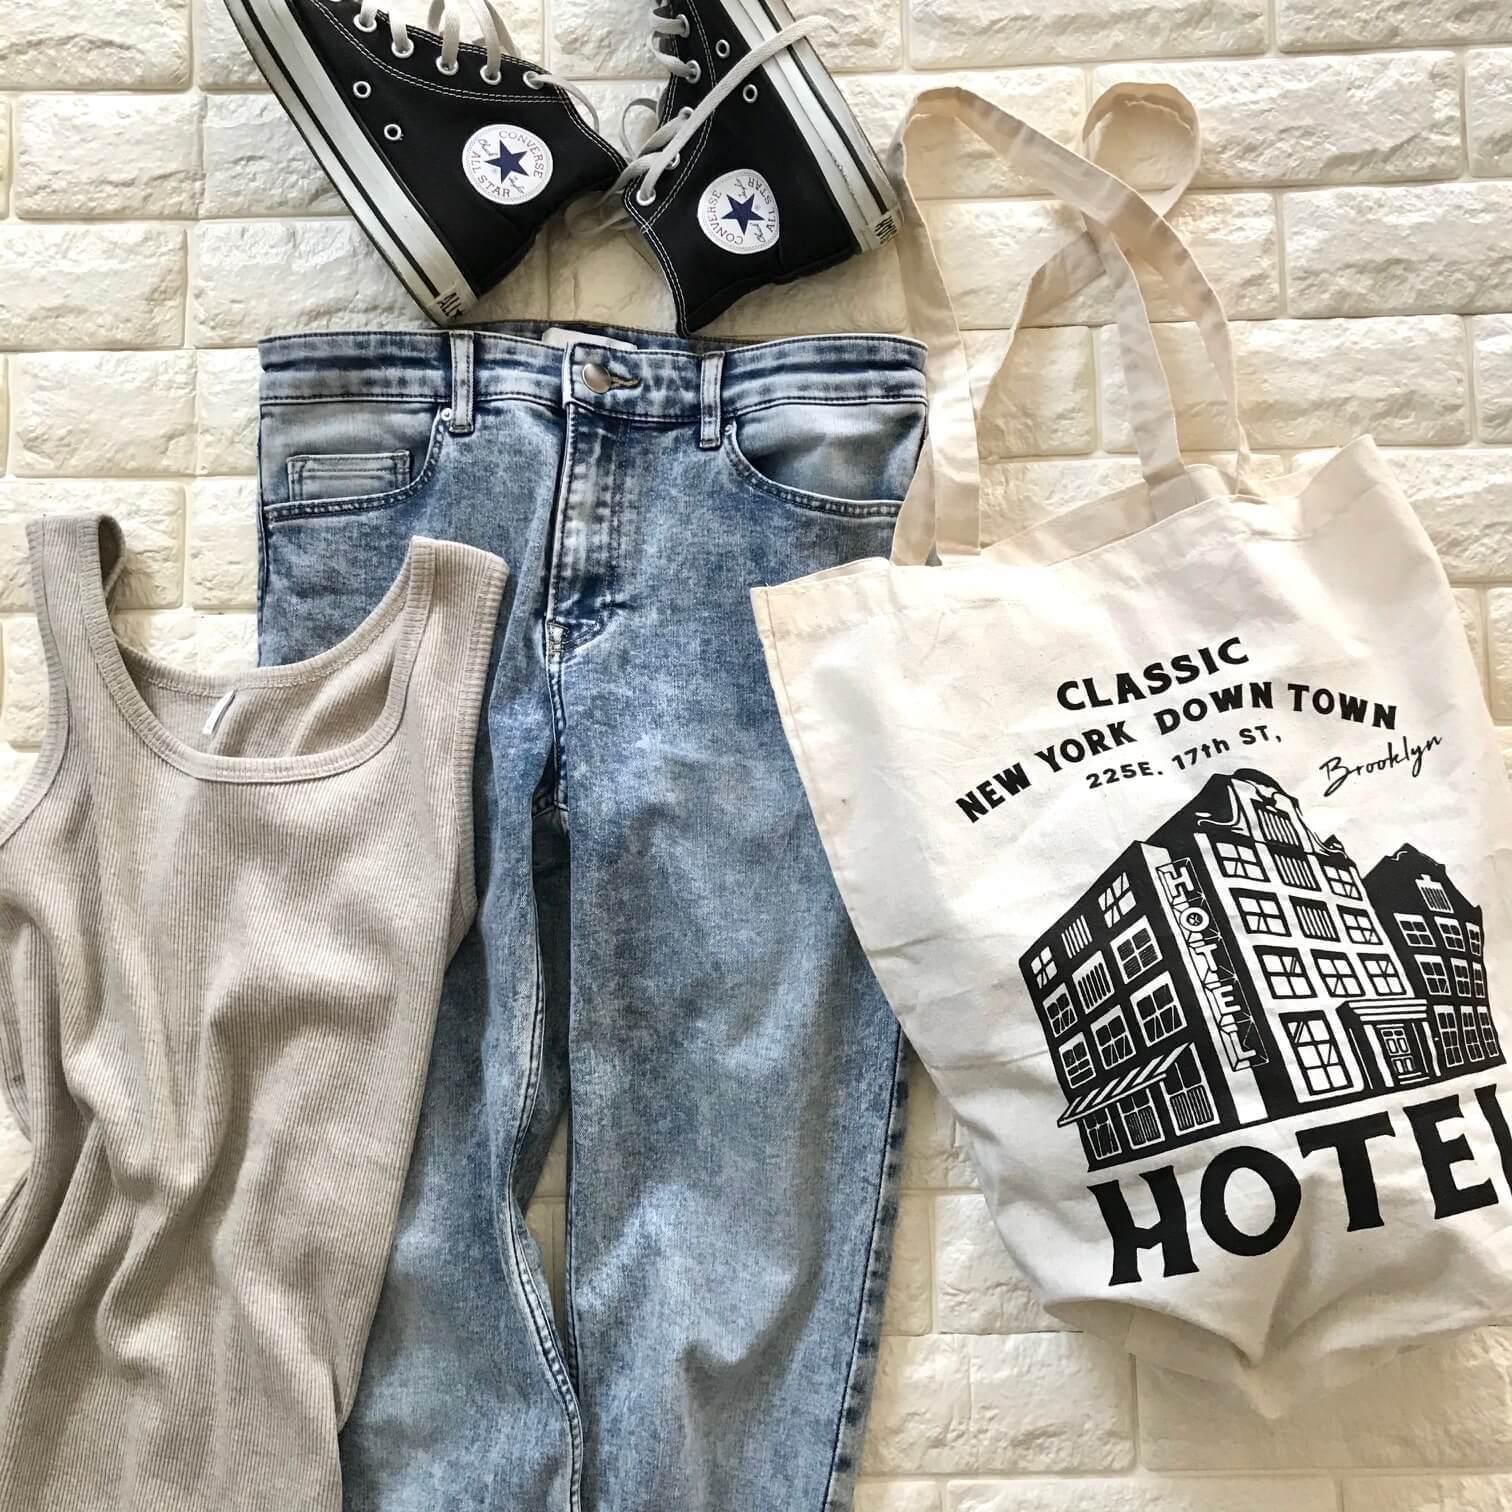 オーサムストアのショッピングバッグをデニムに合わせた画像